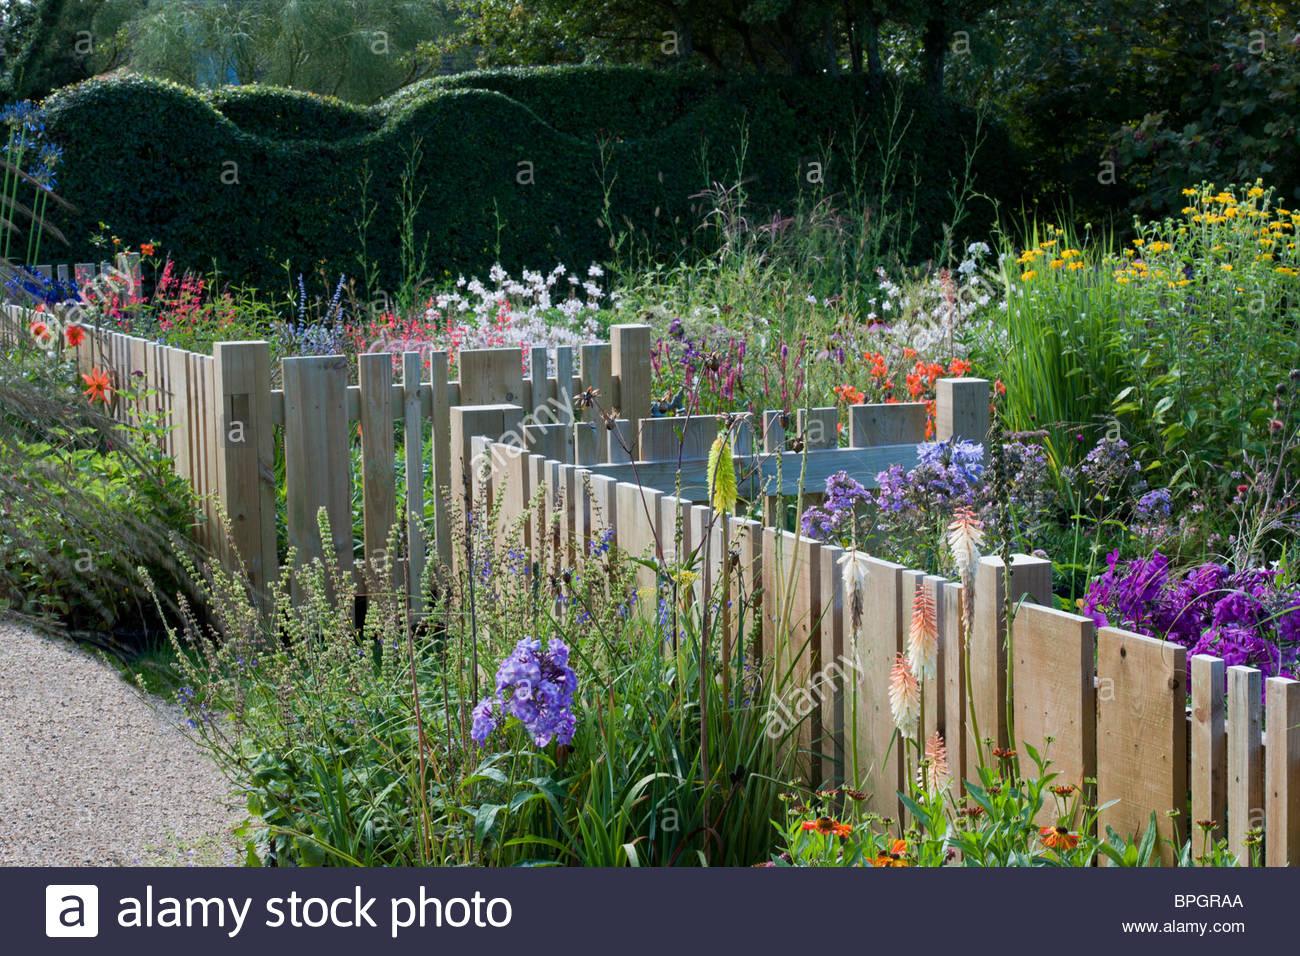 Petit jardin clôture en bois clôtures flowling inhabituelle des largeurs variées de fleurs d'été Photo Stock